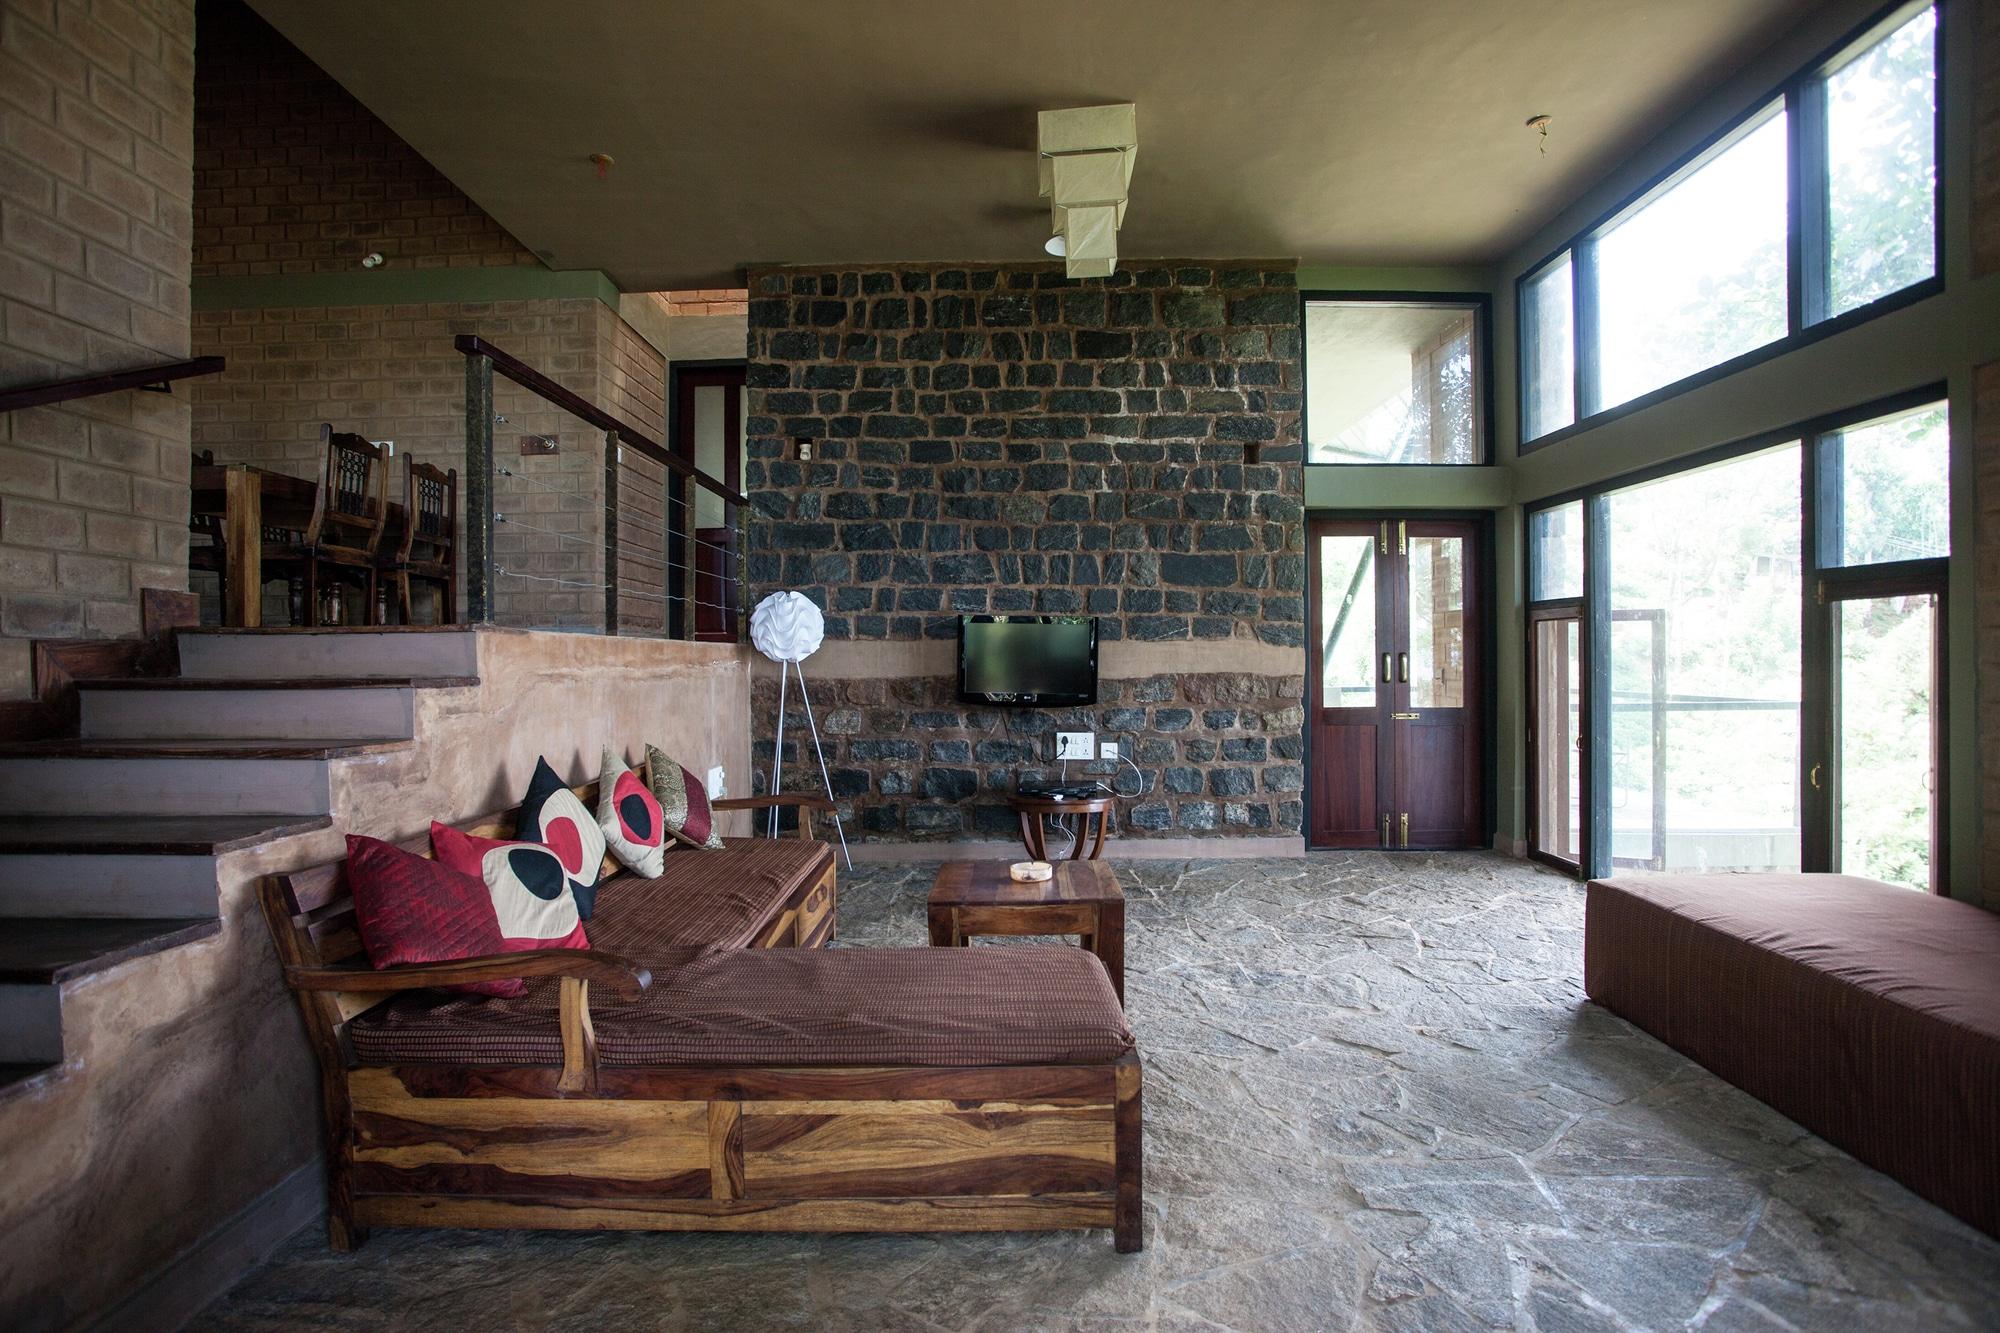 Dise o casa campo moderna estructura Casa y ideas